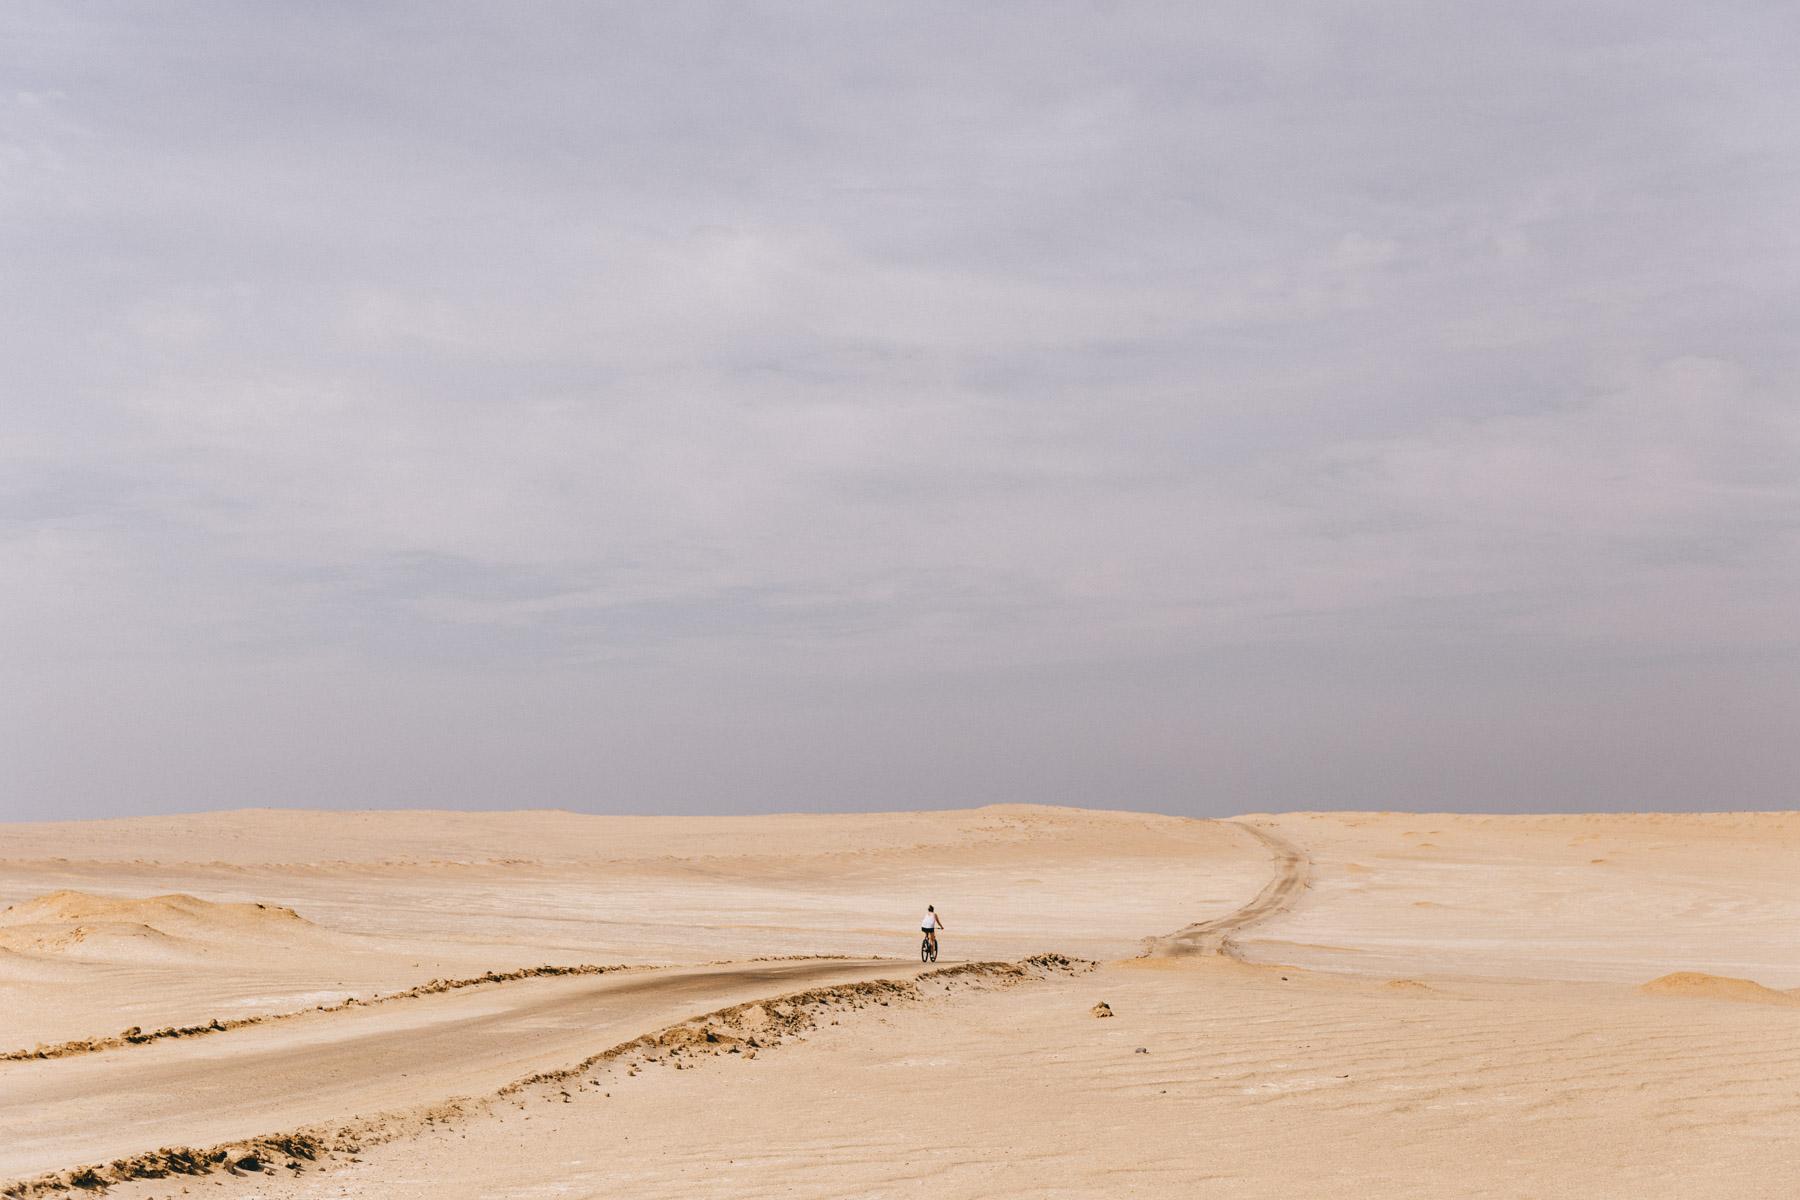 帕拉卡斯国家自行车保护区